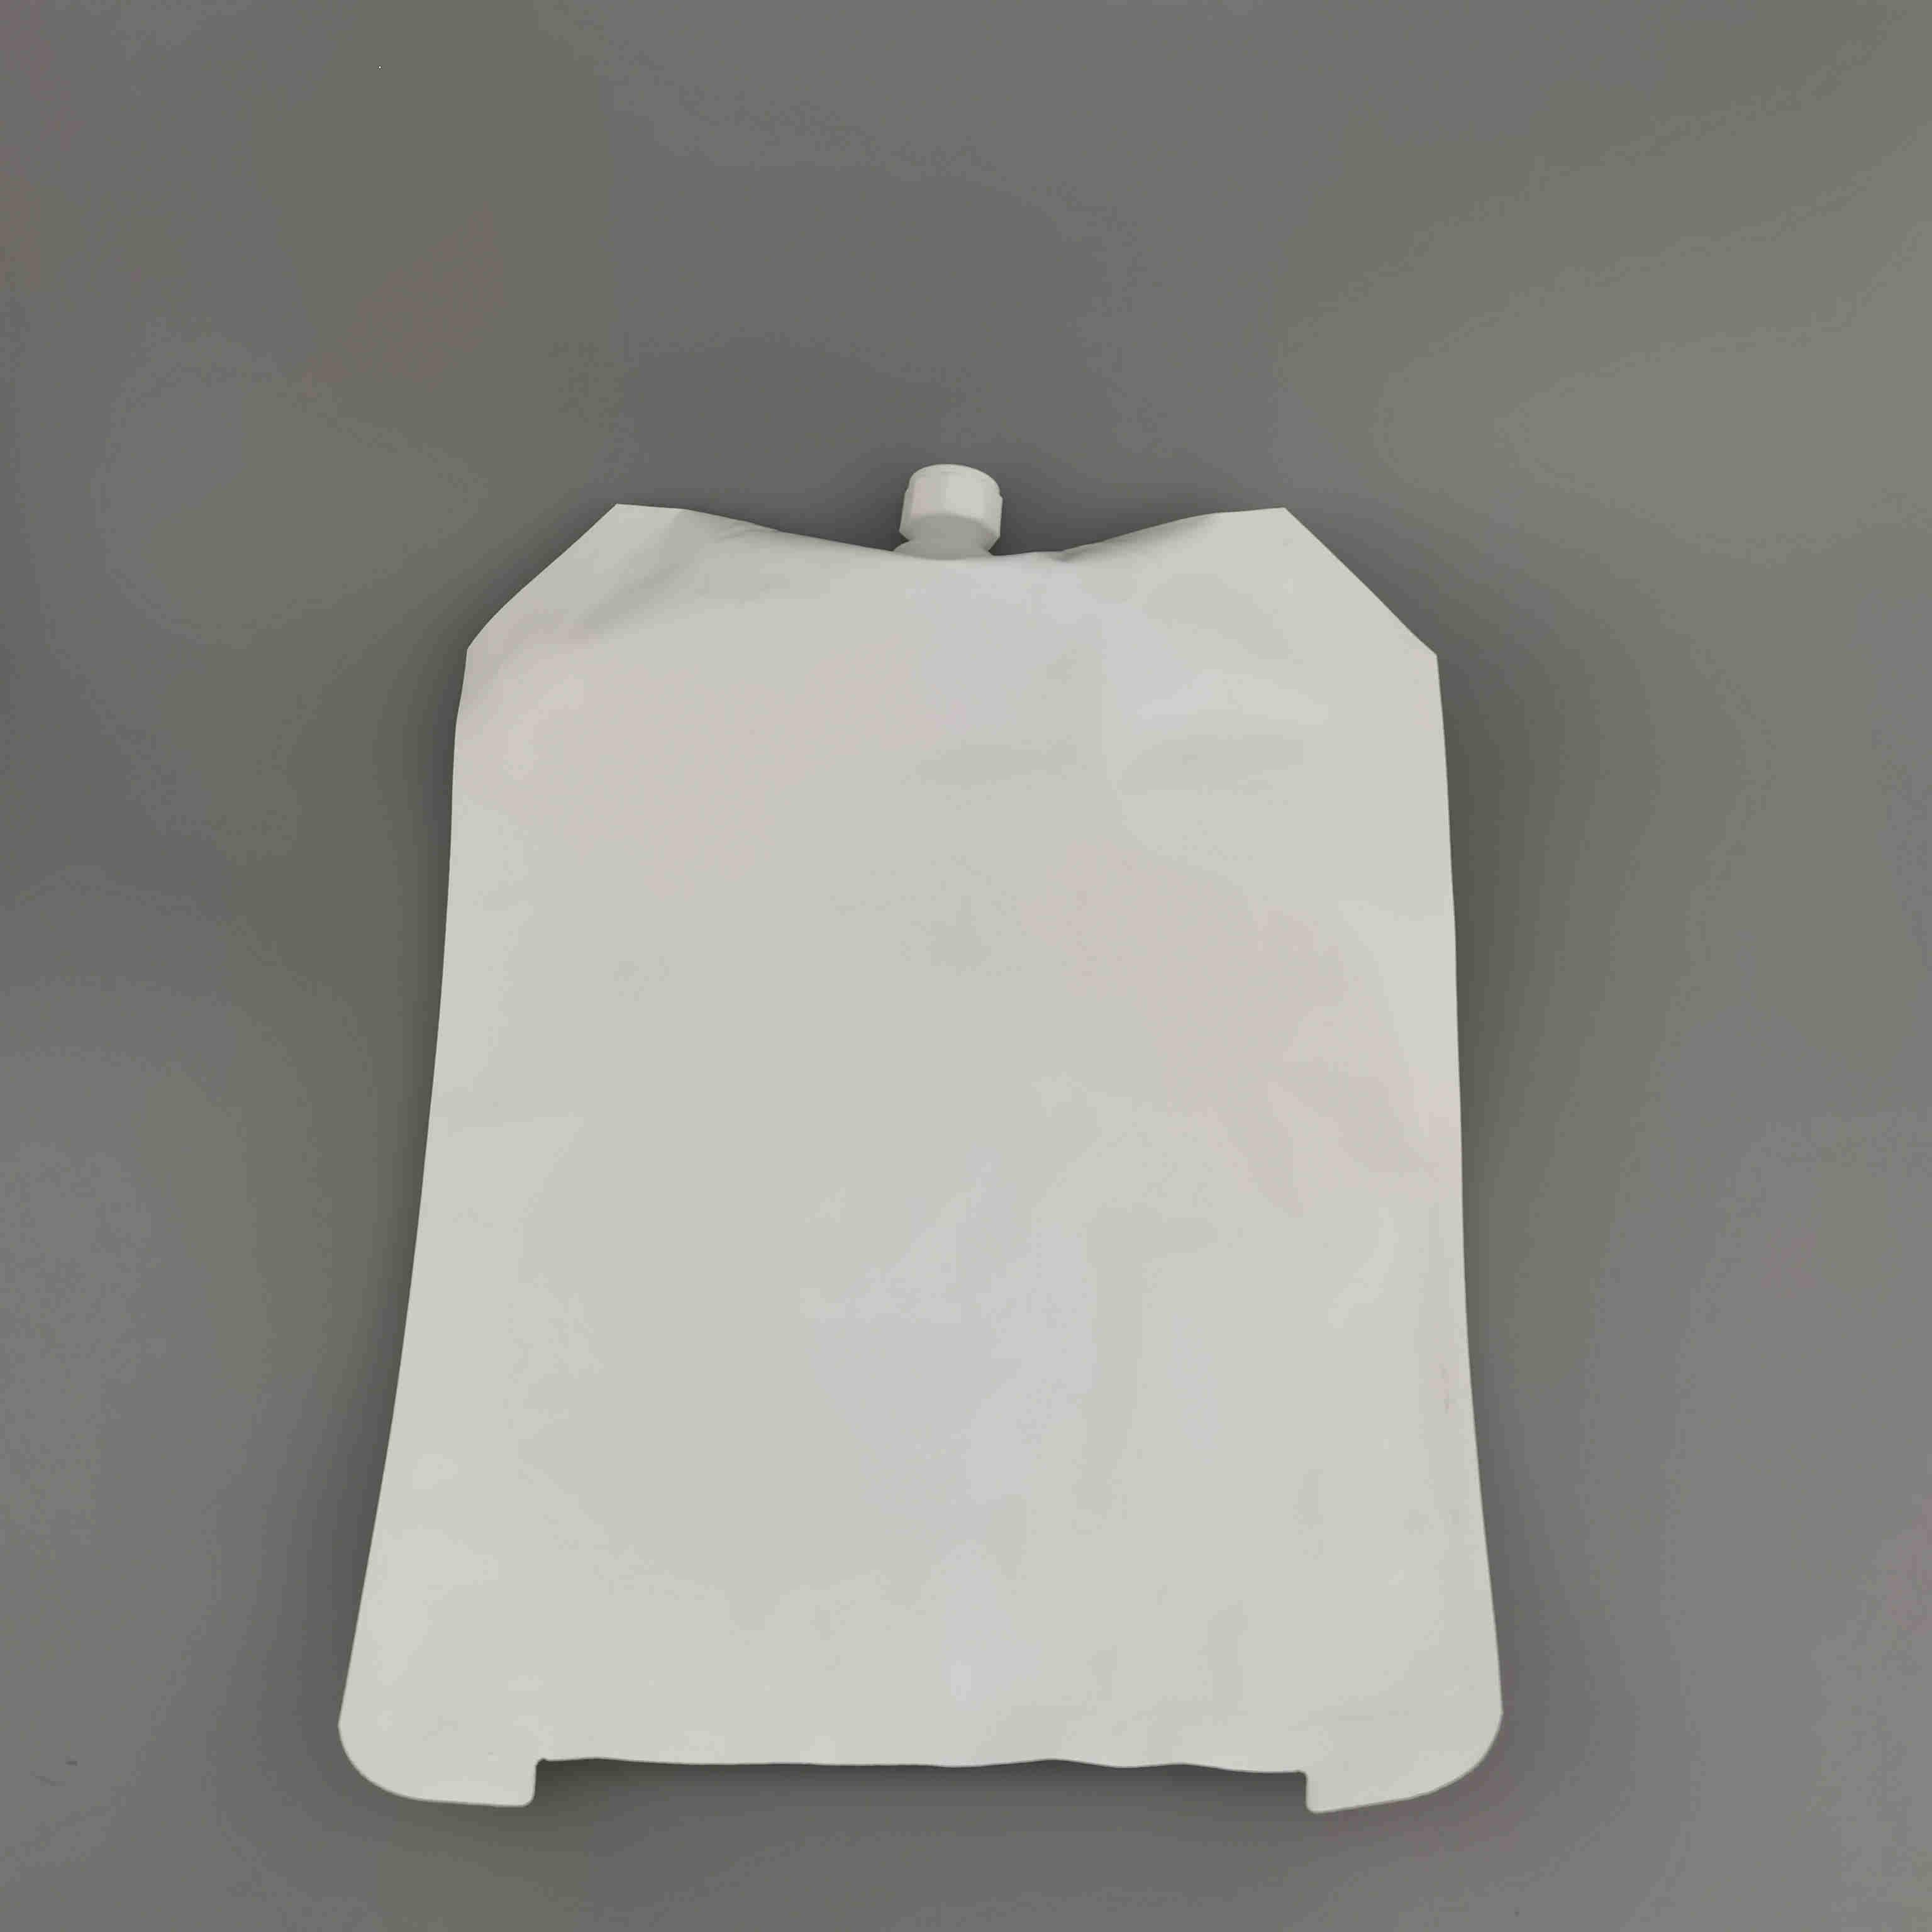 厂家供应4L犊牛初乳袋初乳袋牛奶储存袋彩色印刷乳制品保存吸嘴袋